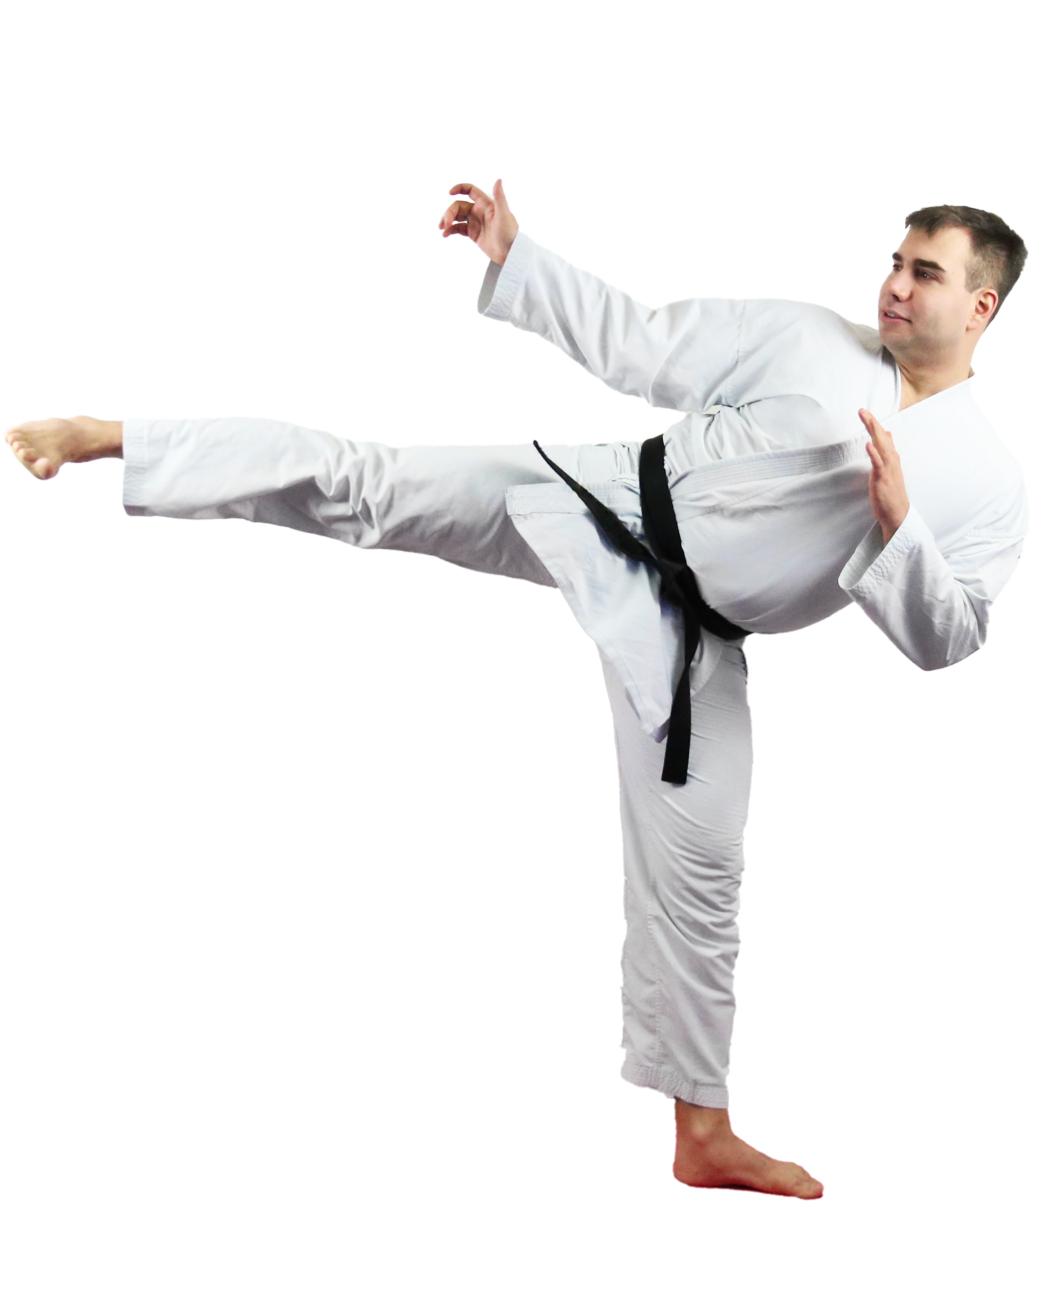 Trainer_Florian-Schleyer_action-Karate